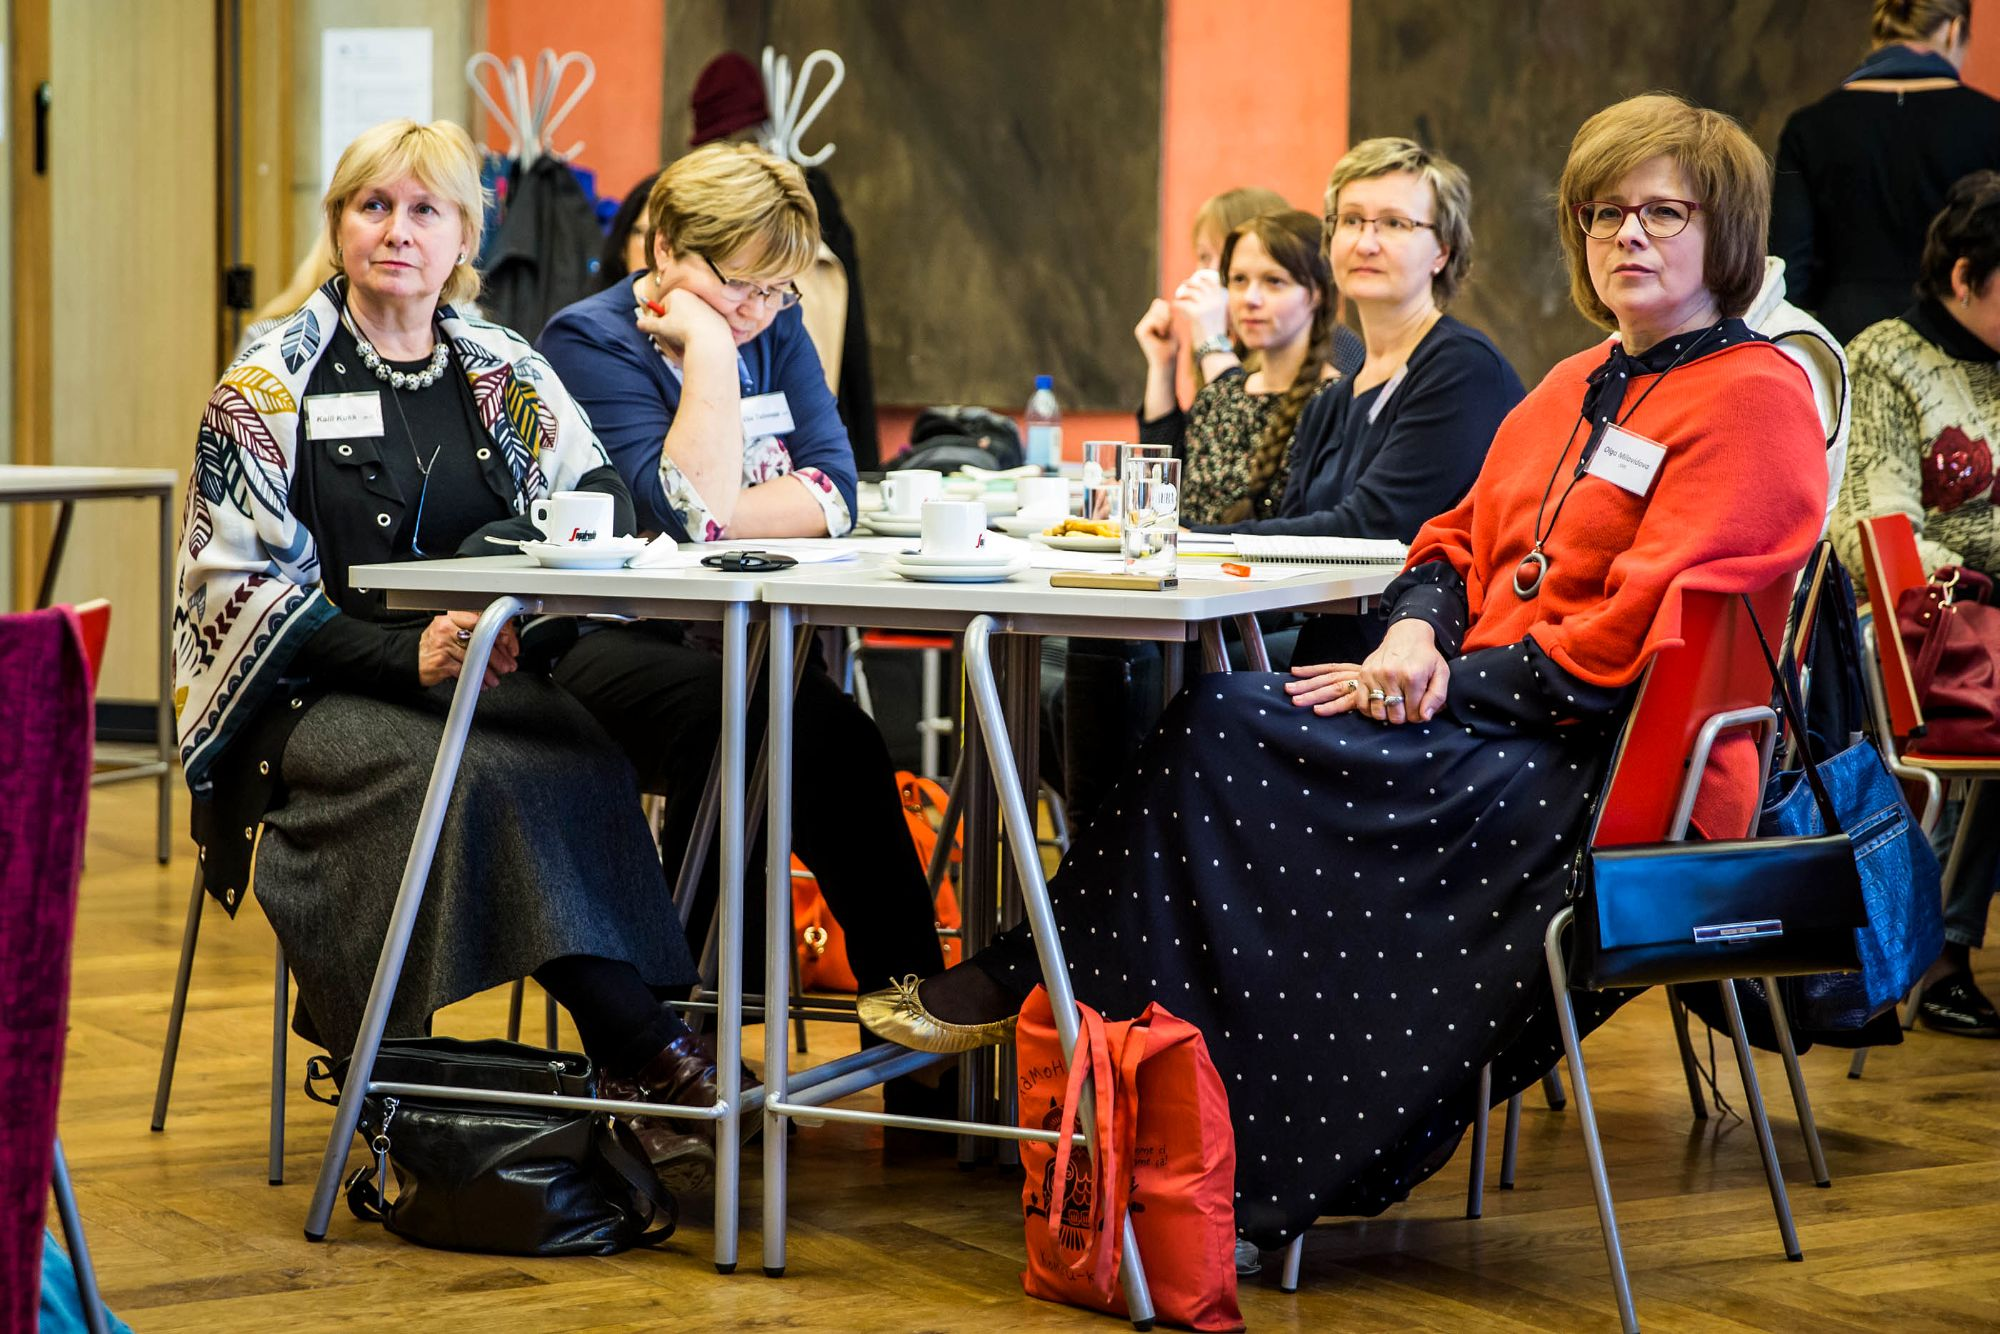 naised istuvad ümber laua